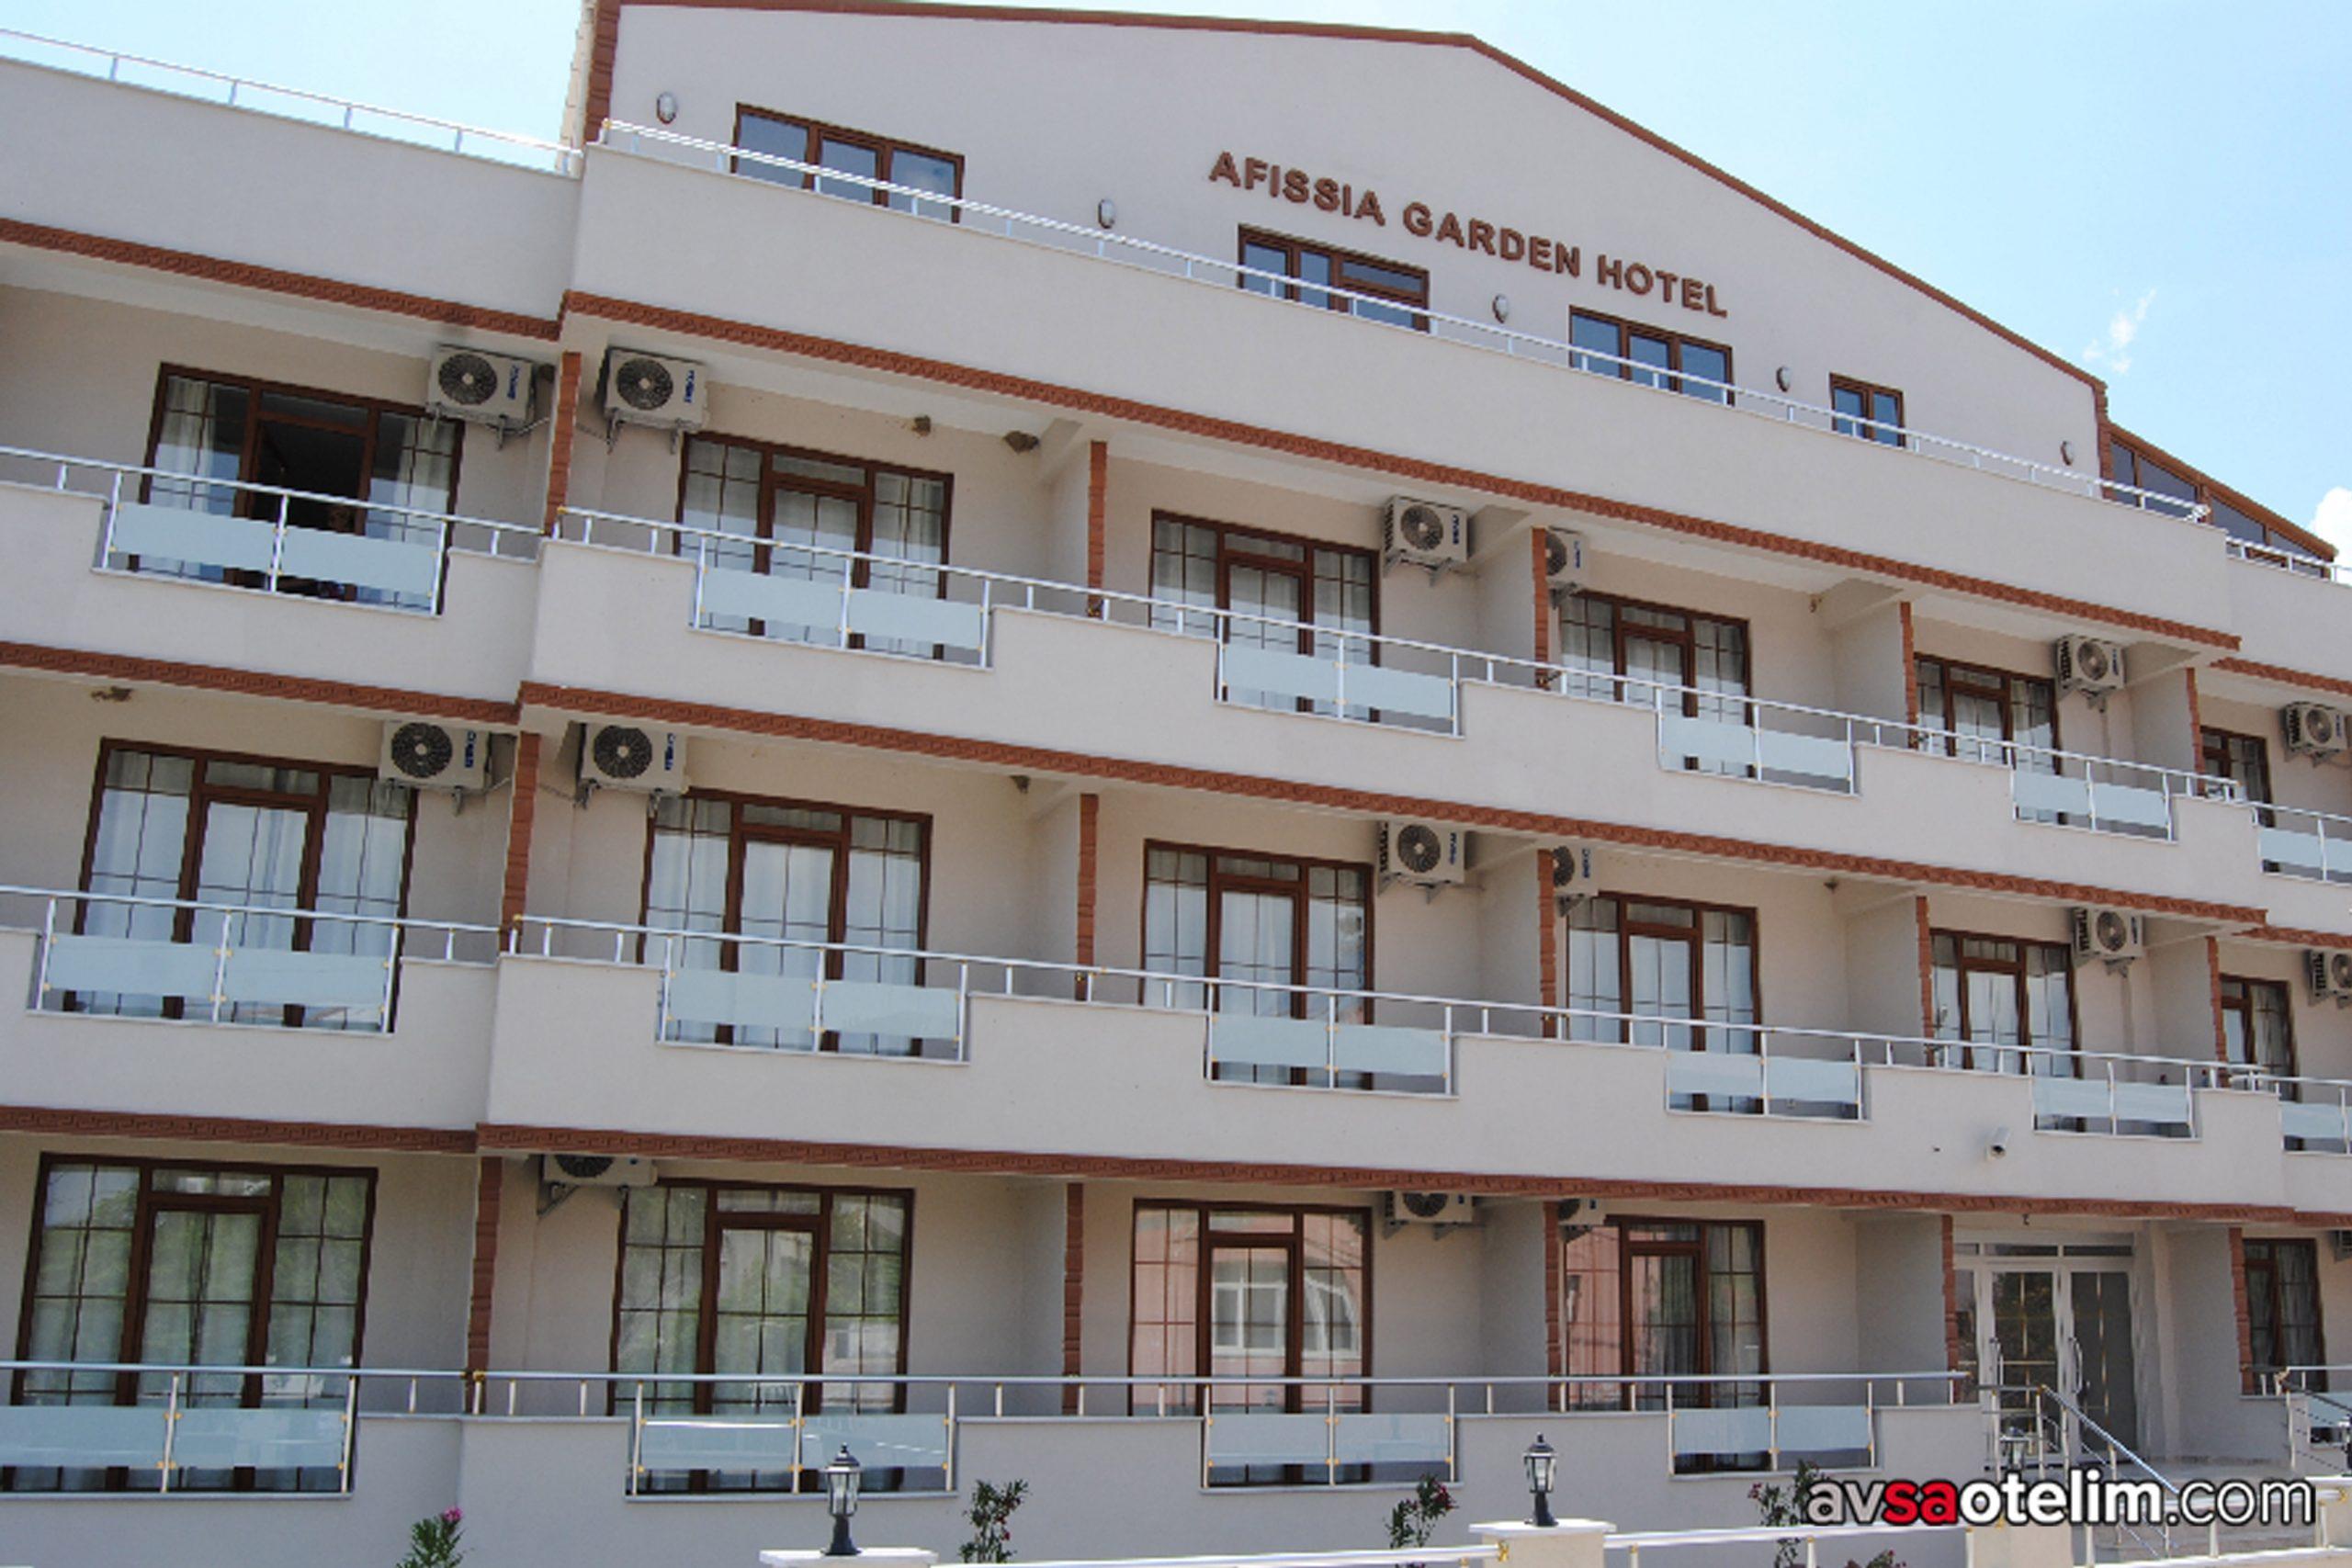 Avşa Adası Afissia Garden Hotel